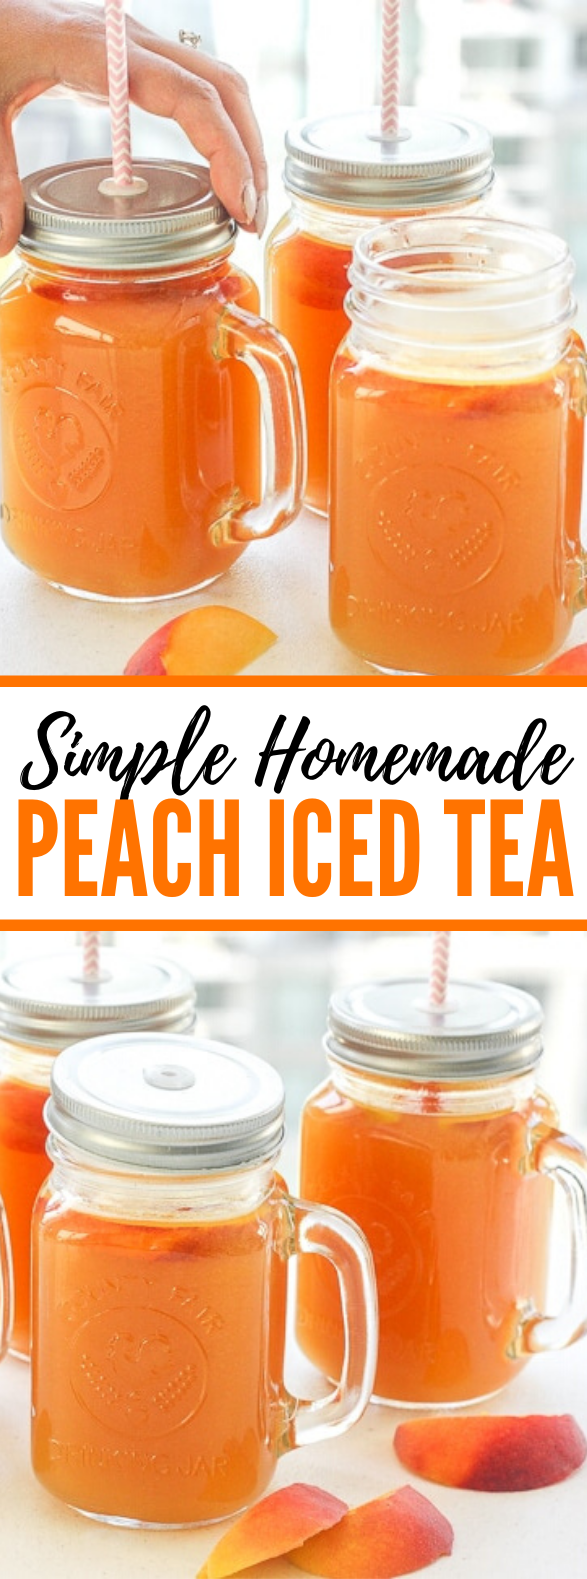 SIMPLE HOMEMADE PEACH ICED TEA #drinks #summerday